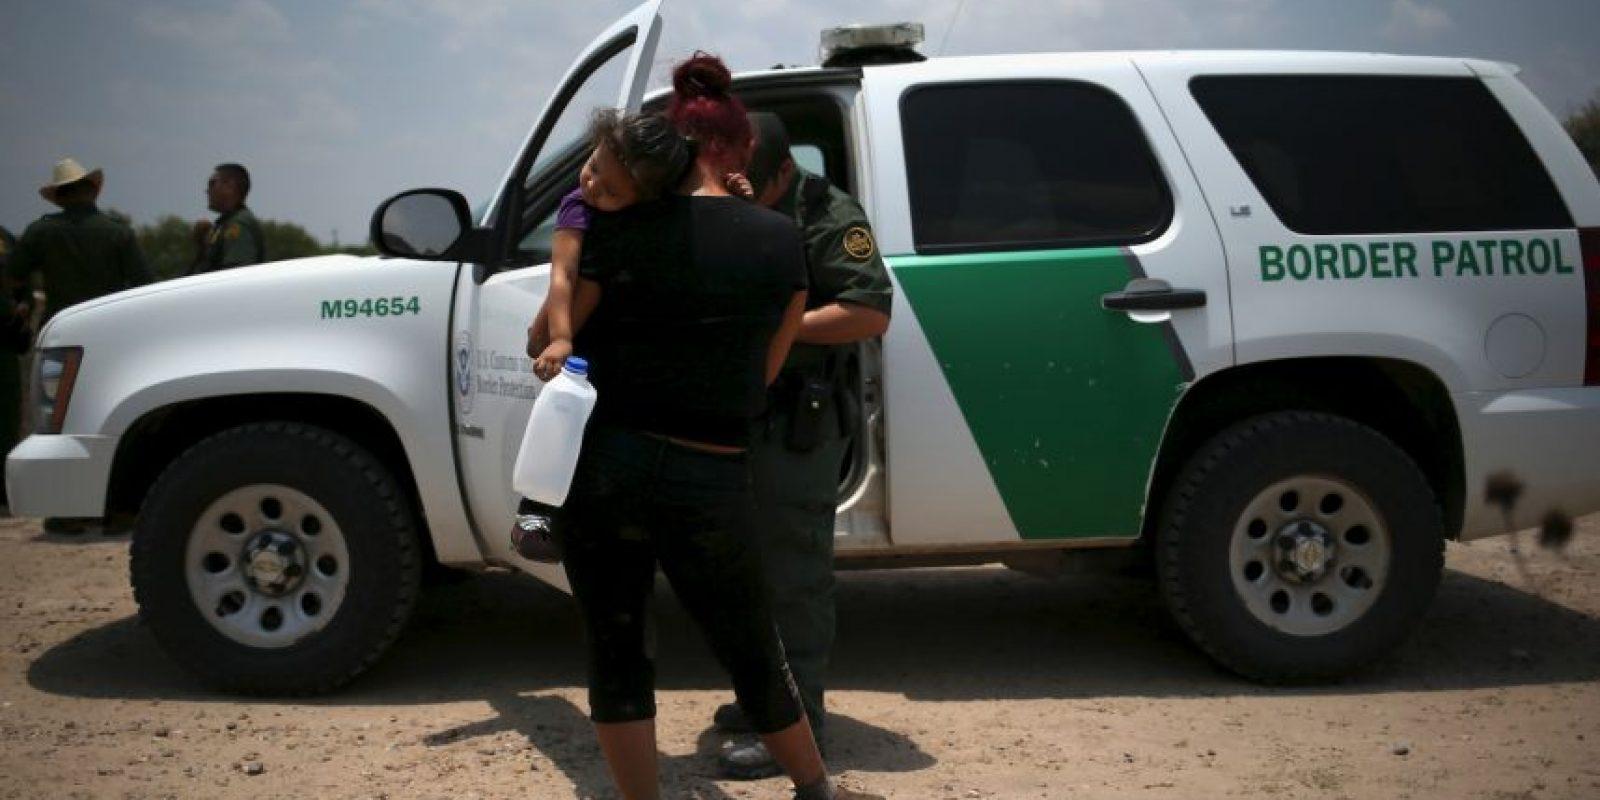 Los menores utilizados por los grupos delictivos también entran en este recuento Foto:Getty Images